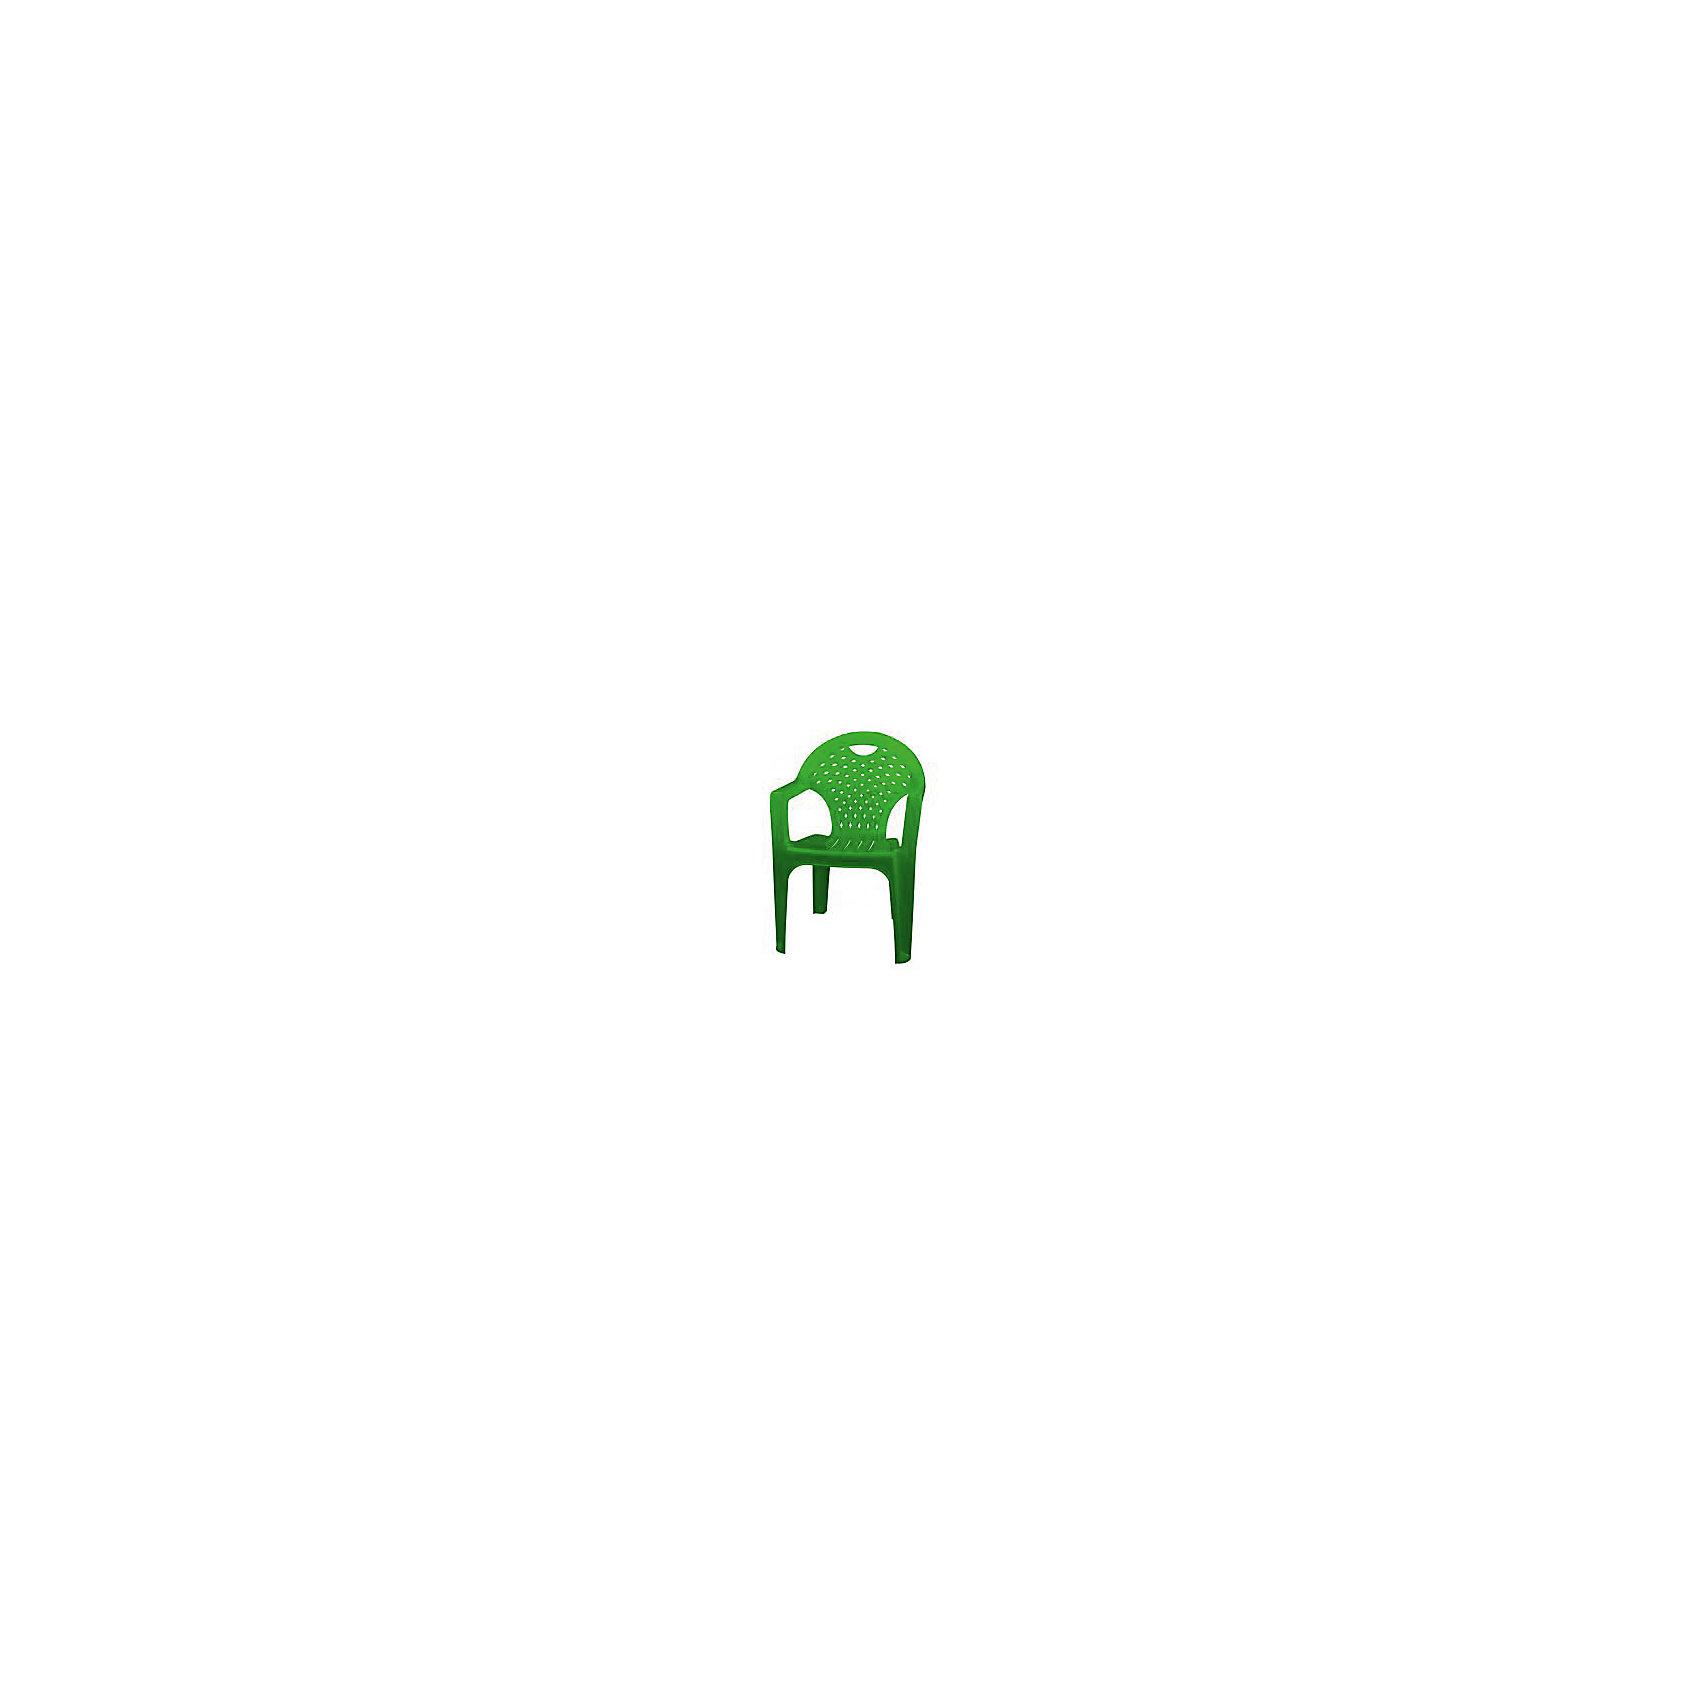 Кресло, Alternativa, зелёныйМебель<br>Кресло, Alternativa (Альтернатива), зеленый<br><br>Характеристики:<br><br>• лаконичный дизайн<br>• изготовлено из прочного пластика<br>• размер: 58,5х54х80 см<br>• цвет: зеленый<br>• вес: 1,95 кг<br><br>Кресло от российского производителя Альтернатива изготовлено из прочного пластика с хорошей износостойкостью. Удобная конструкция позволит вам с легкостью очистить изделие от загрязнений. Кресло имеет комфортное сидение с углублением и подлокотники. Лаконичный дизайн кресла хорошо впишется в интерьер вашего дома.<br><br>Кресло, Alternativa (Альтернатива), зеленый можно купить в нашем интернет-магазине.<br><br>Ширина мм: 585<br>Глубина мм: 540<br>Высота мм: 800<br>Вес г: 1950<br>Возраст от месяцев: 216<br>Возраст до месяцев: 1188<br>Пол: Унисекс<br>Возраст: Детский<br>SKU: 5475649